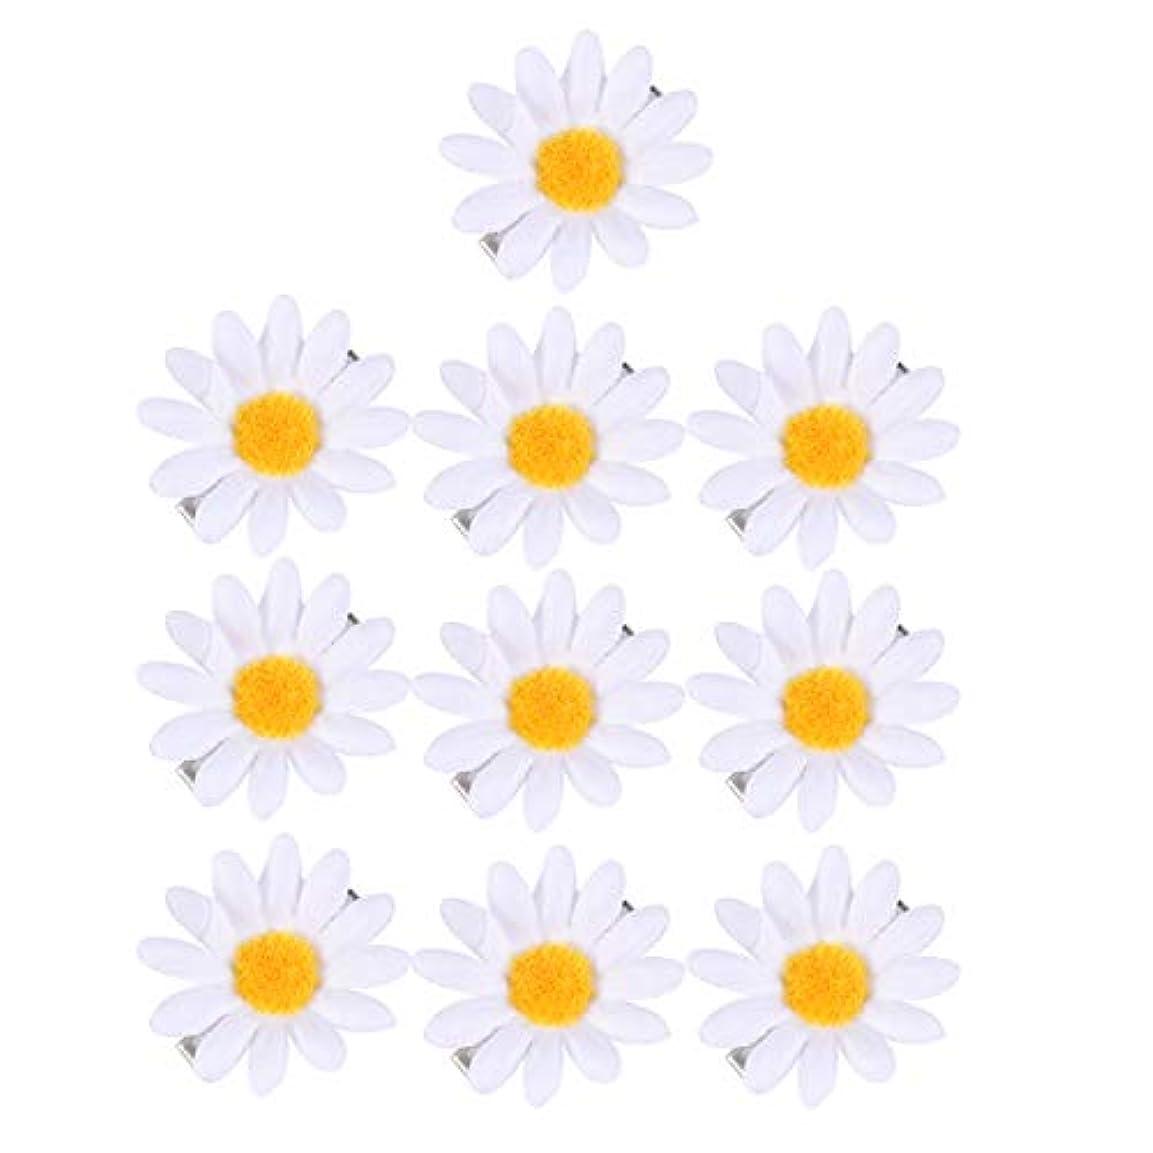 排除アコーアプローチBeaupretty 20ピースかわいいデイジーヘアクリップひまわり新鮮な髪のバレッタヘアピン女の子のための(ホワイト)